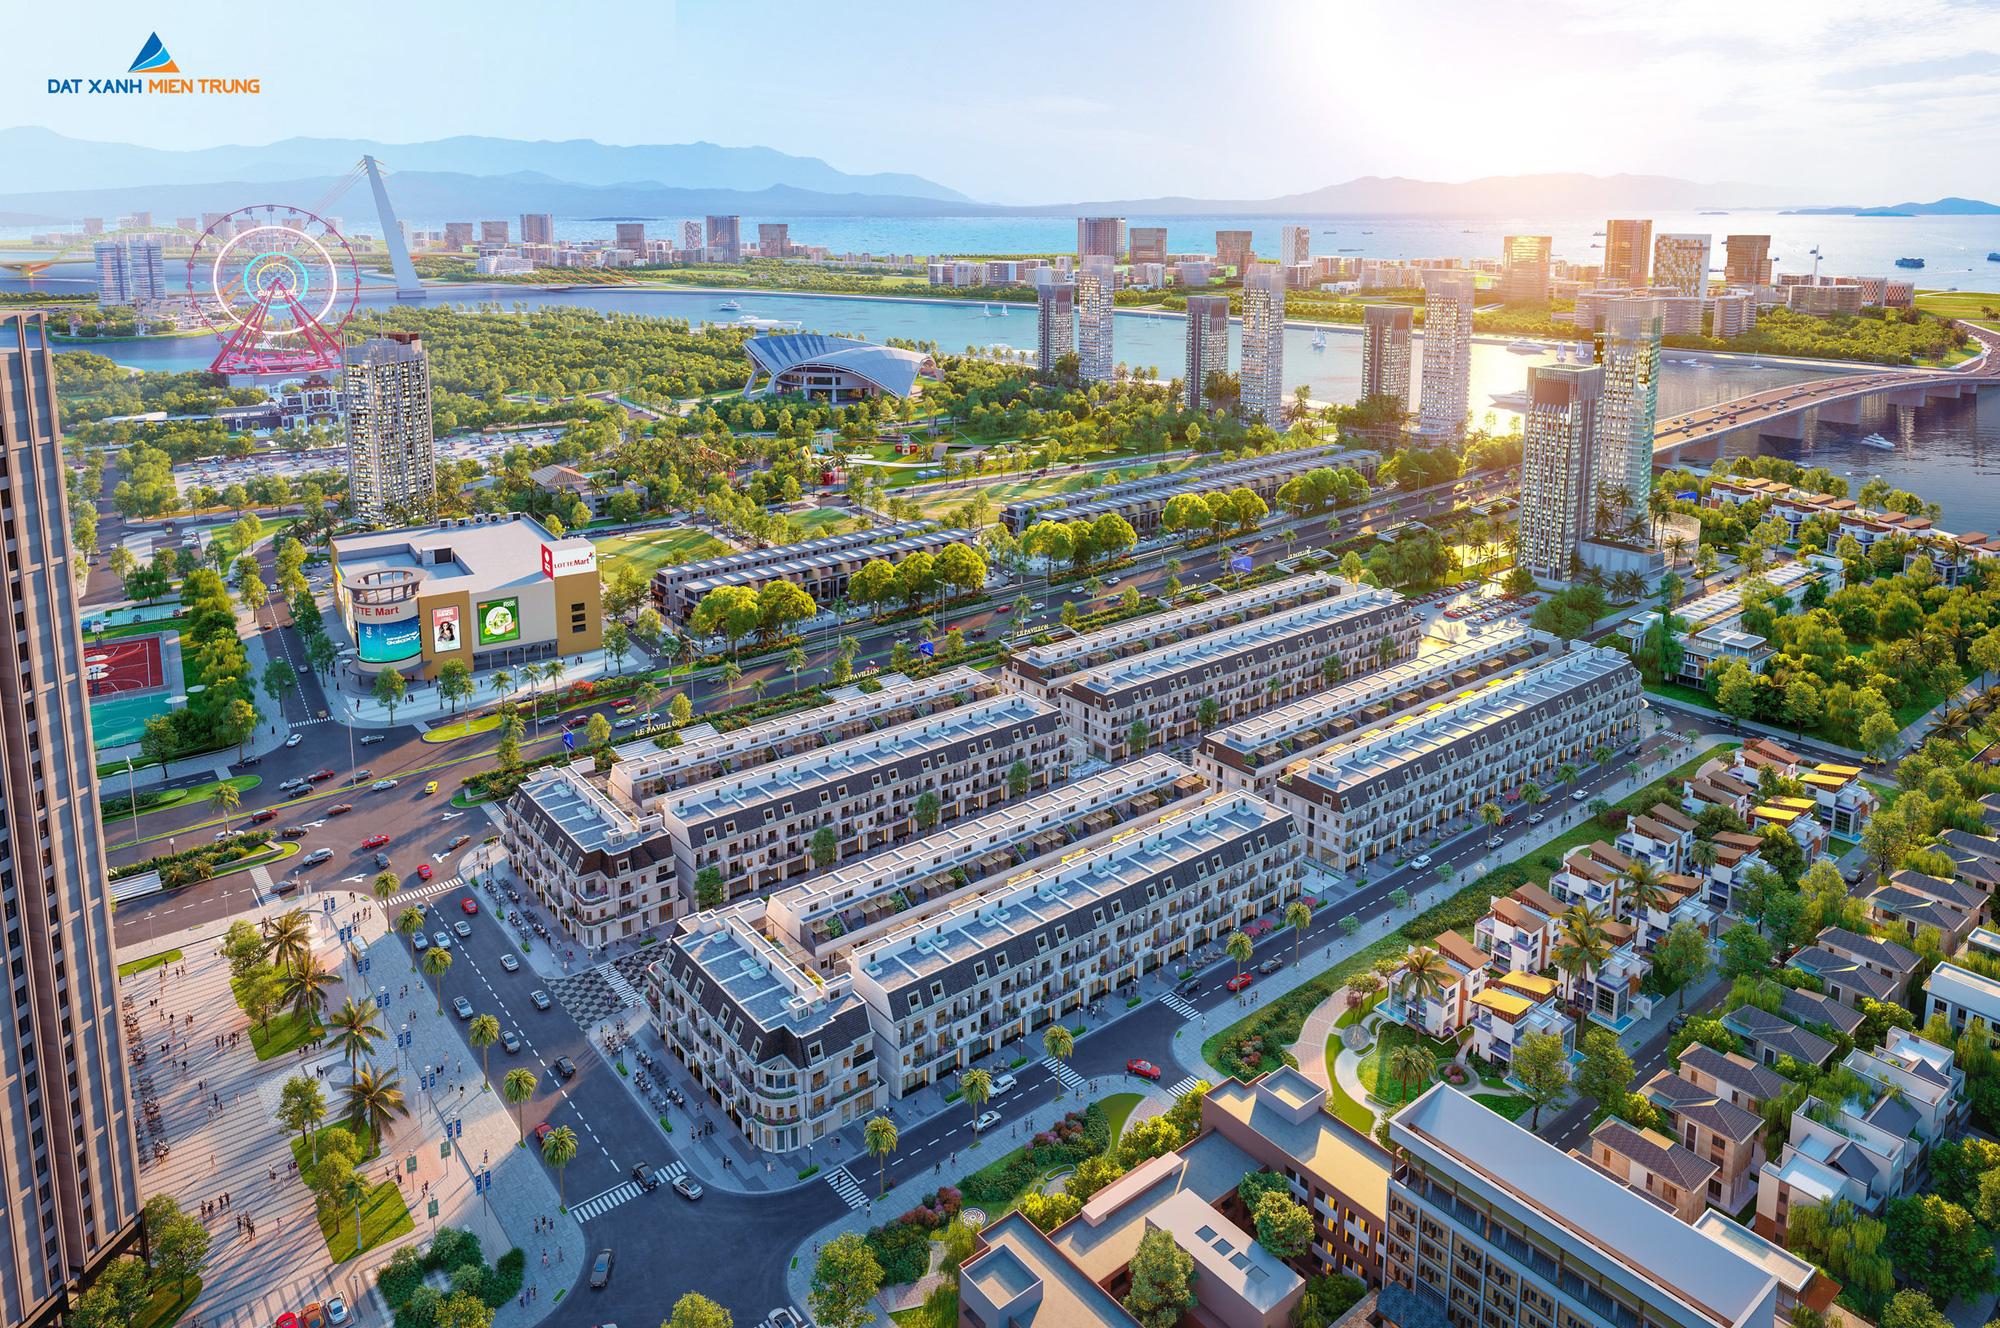 Từ hôm nay, Regal Pavillon Da Nang của Đất Xanh Miền Trung đủ điều kiện bán, cho thuê, thuê mua - Ảnh 1.